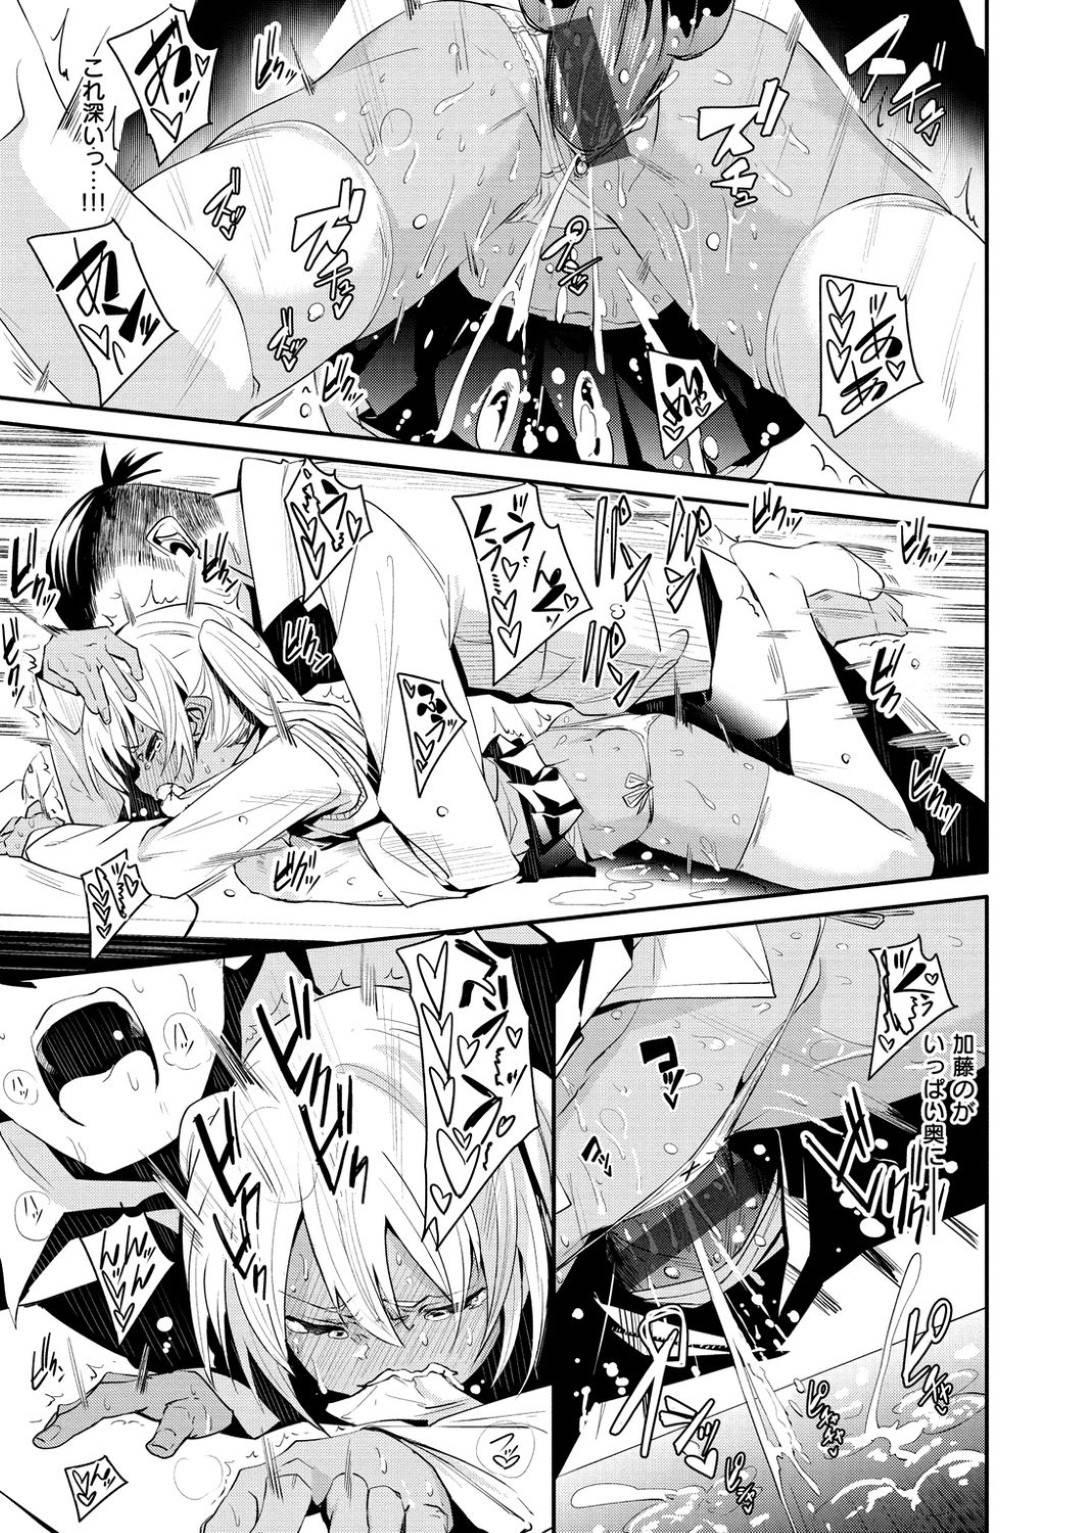 【エロ漫画】ひょんな事がきっかけで知り合いの男とエッチな展開になってしまったスレンダー褐色JK…彼に身体を委ねた彼女は手マンや乳首責めなど全身を愛撫され、そのまま制服姿で生ハメセックス!【fu-ta:せとあぷ】